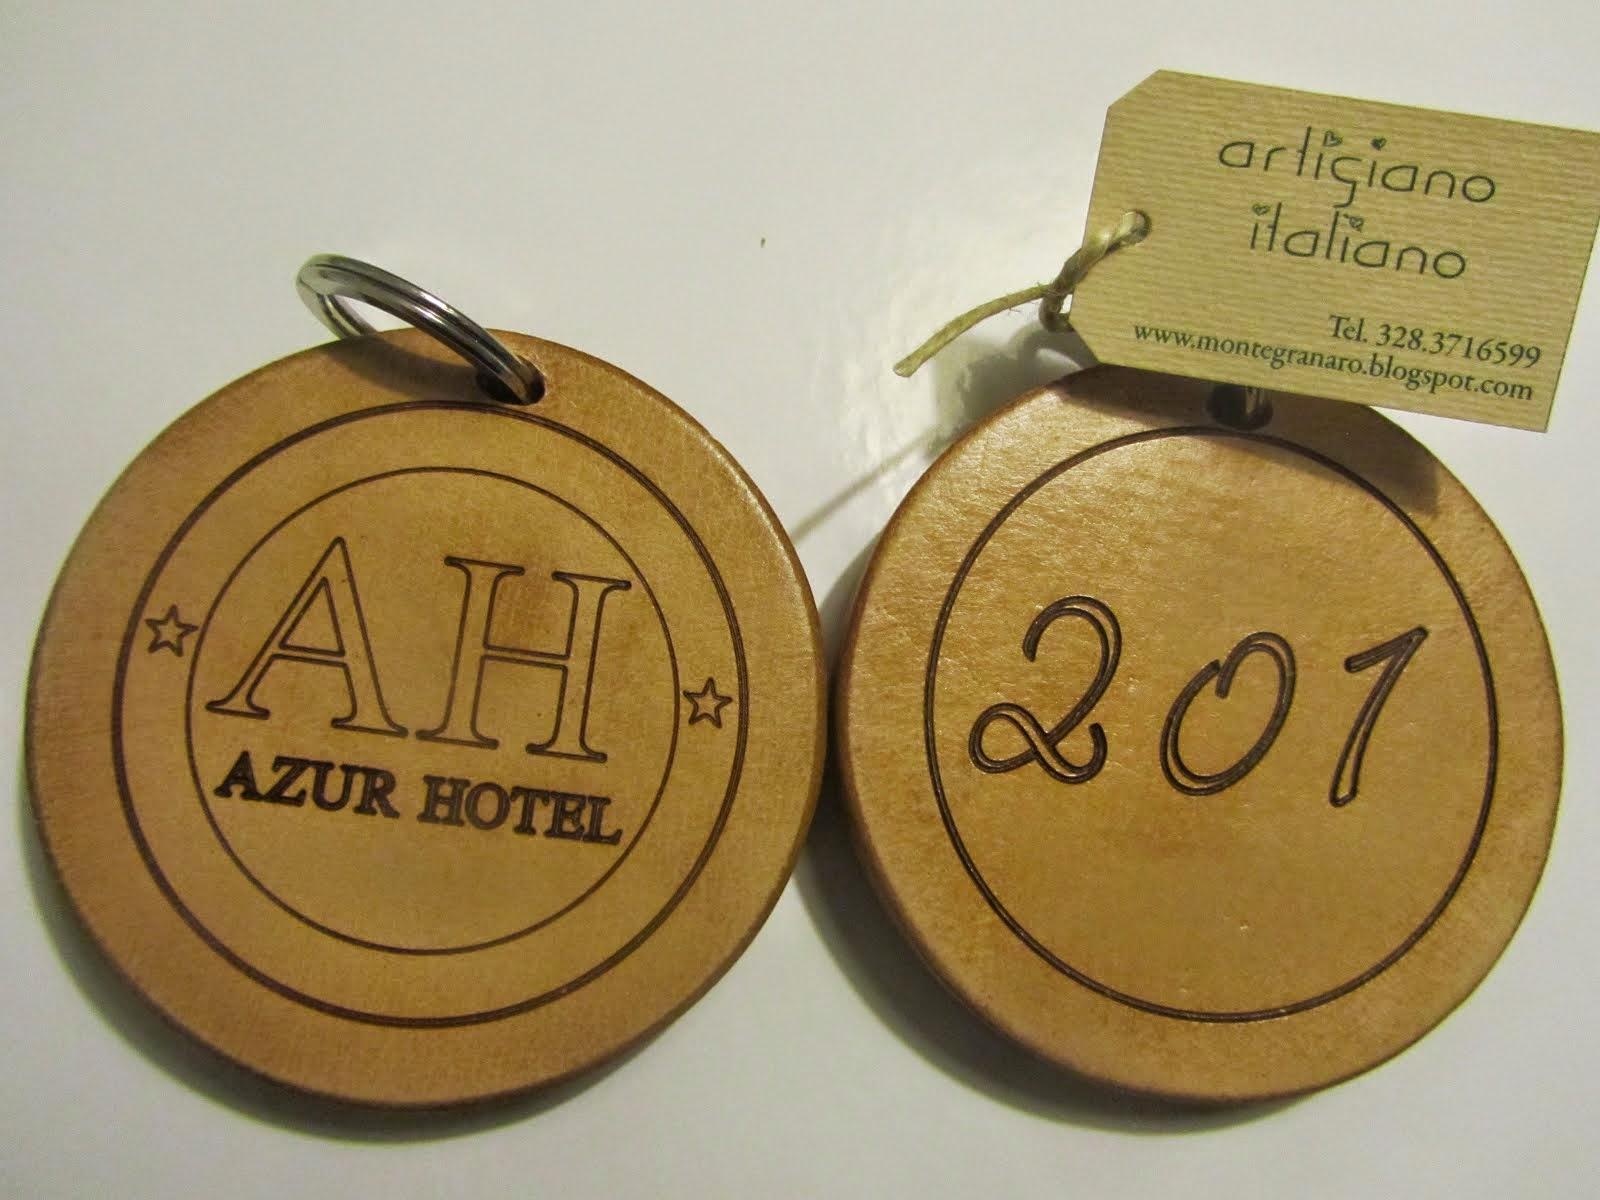 Accessori per alberghi, hotel, agriturismi, affittacamere